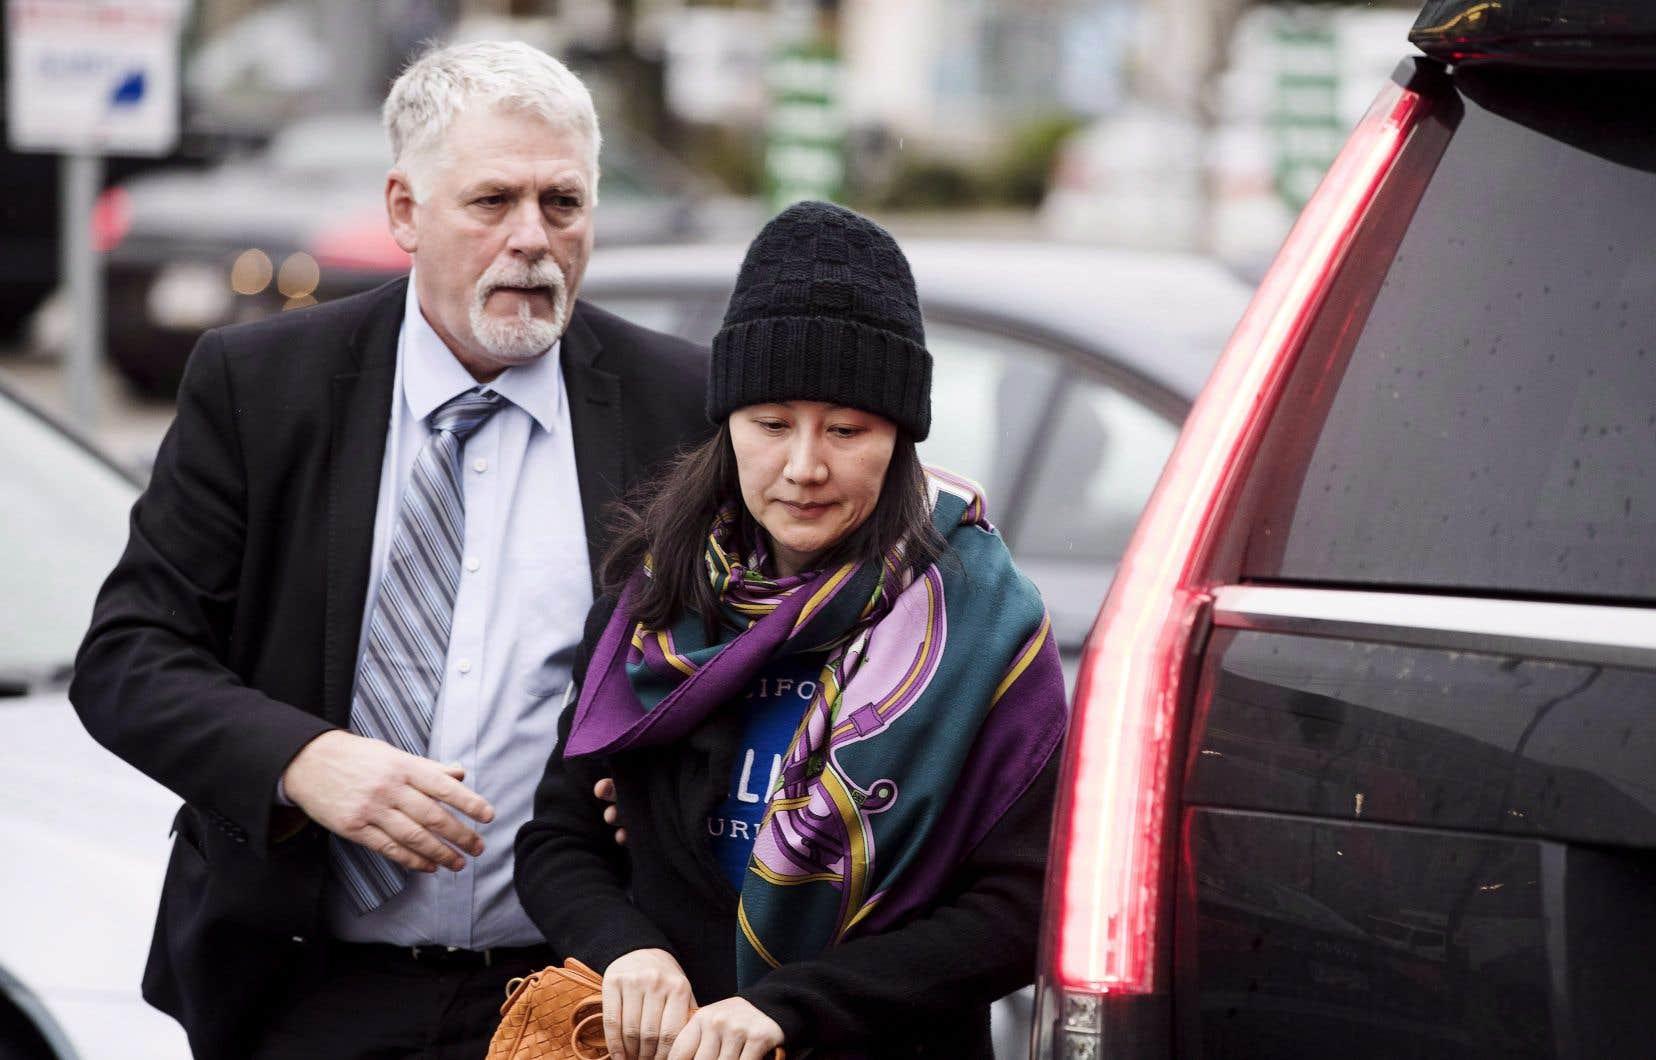 L'ambassadeur du Canada en Chine, John McCallum, en a surpris plus d'un en disant que la dirigeante de Huawei, Meng Wanzhou, que l'on voit ici avec un de ses gardes privés, possède un bon dossier pour se défendre contre la demande d'extradition des États-Unis.